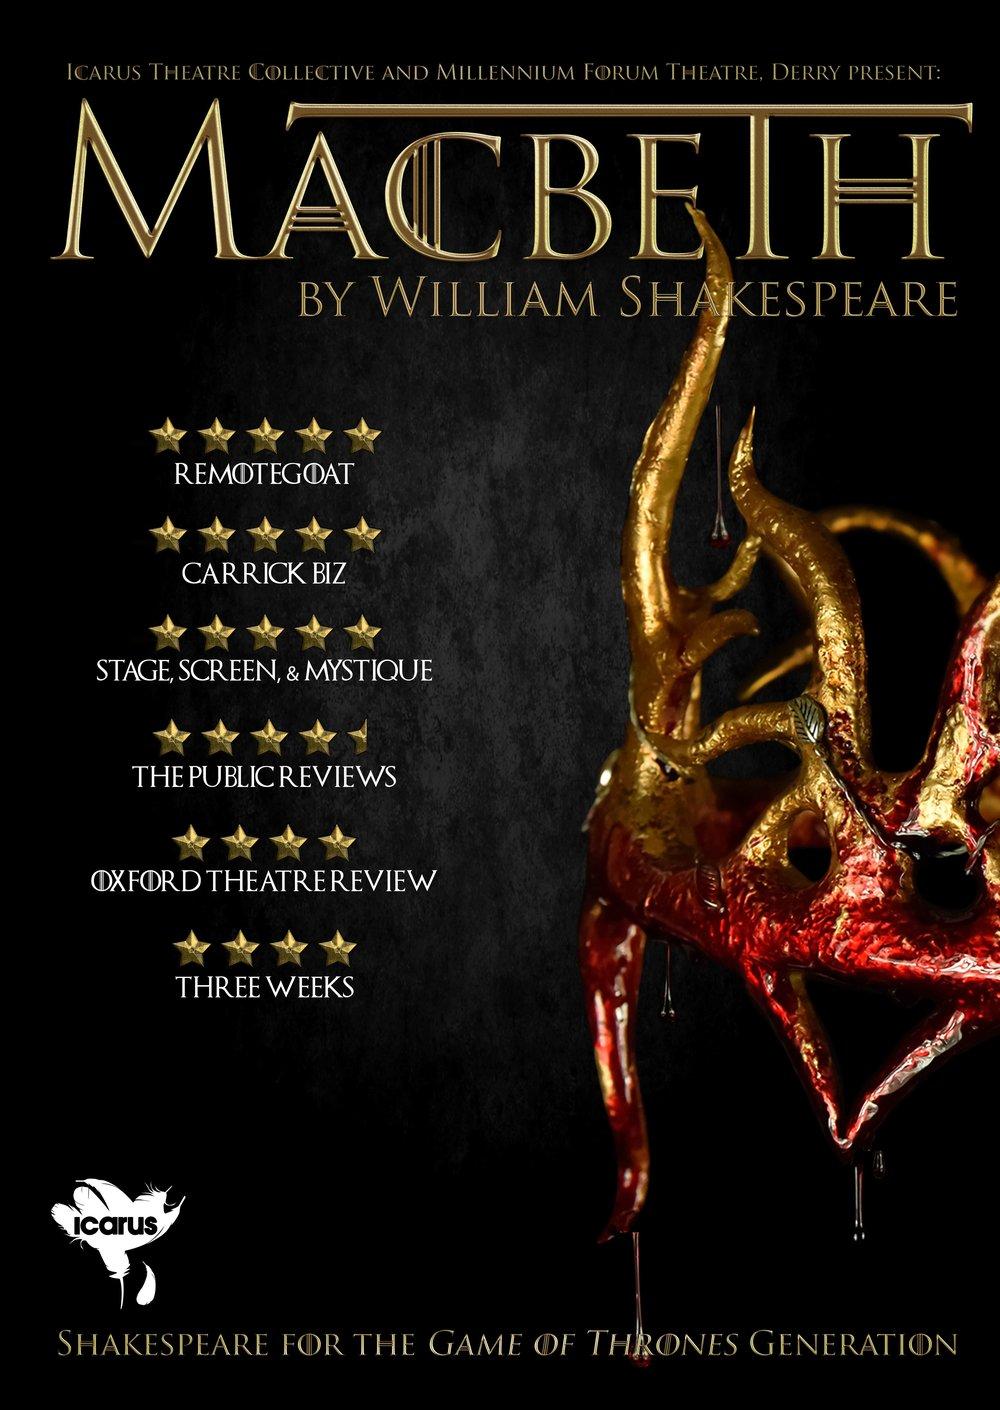 MacbethPoster.jpg